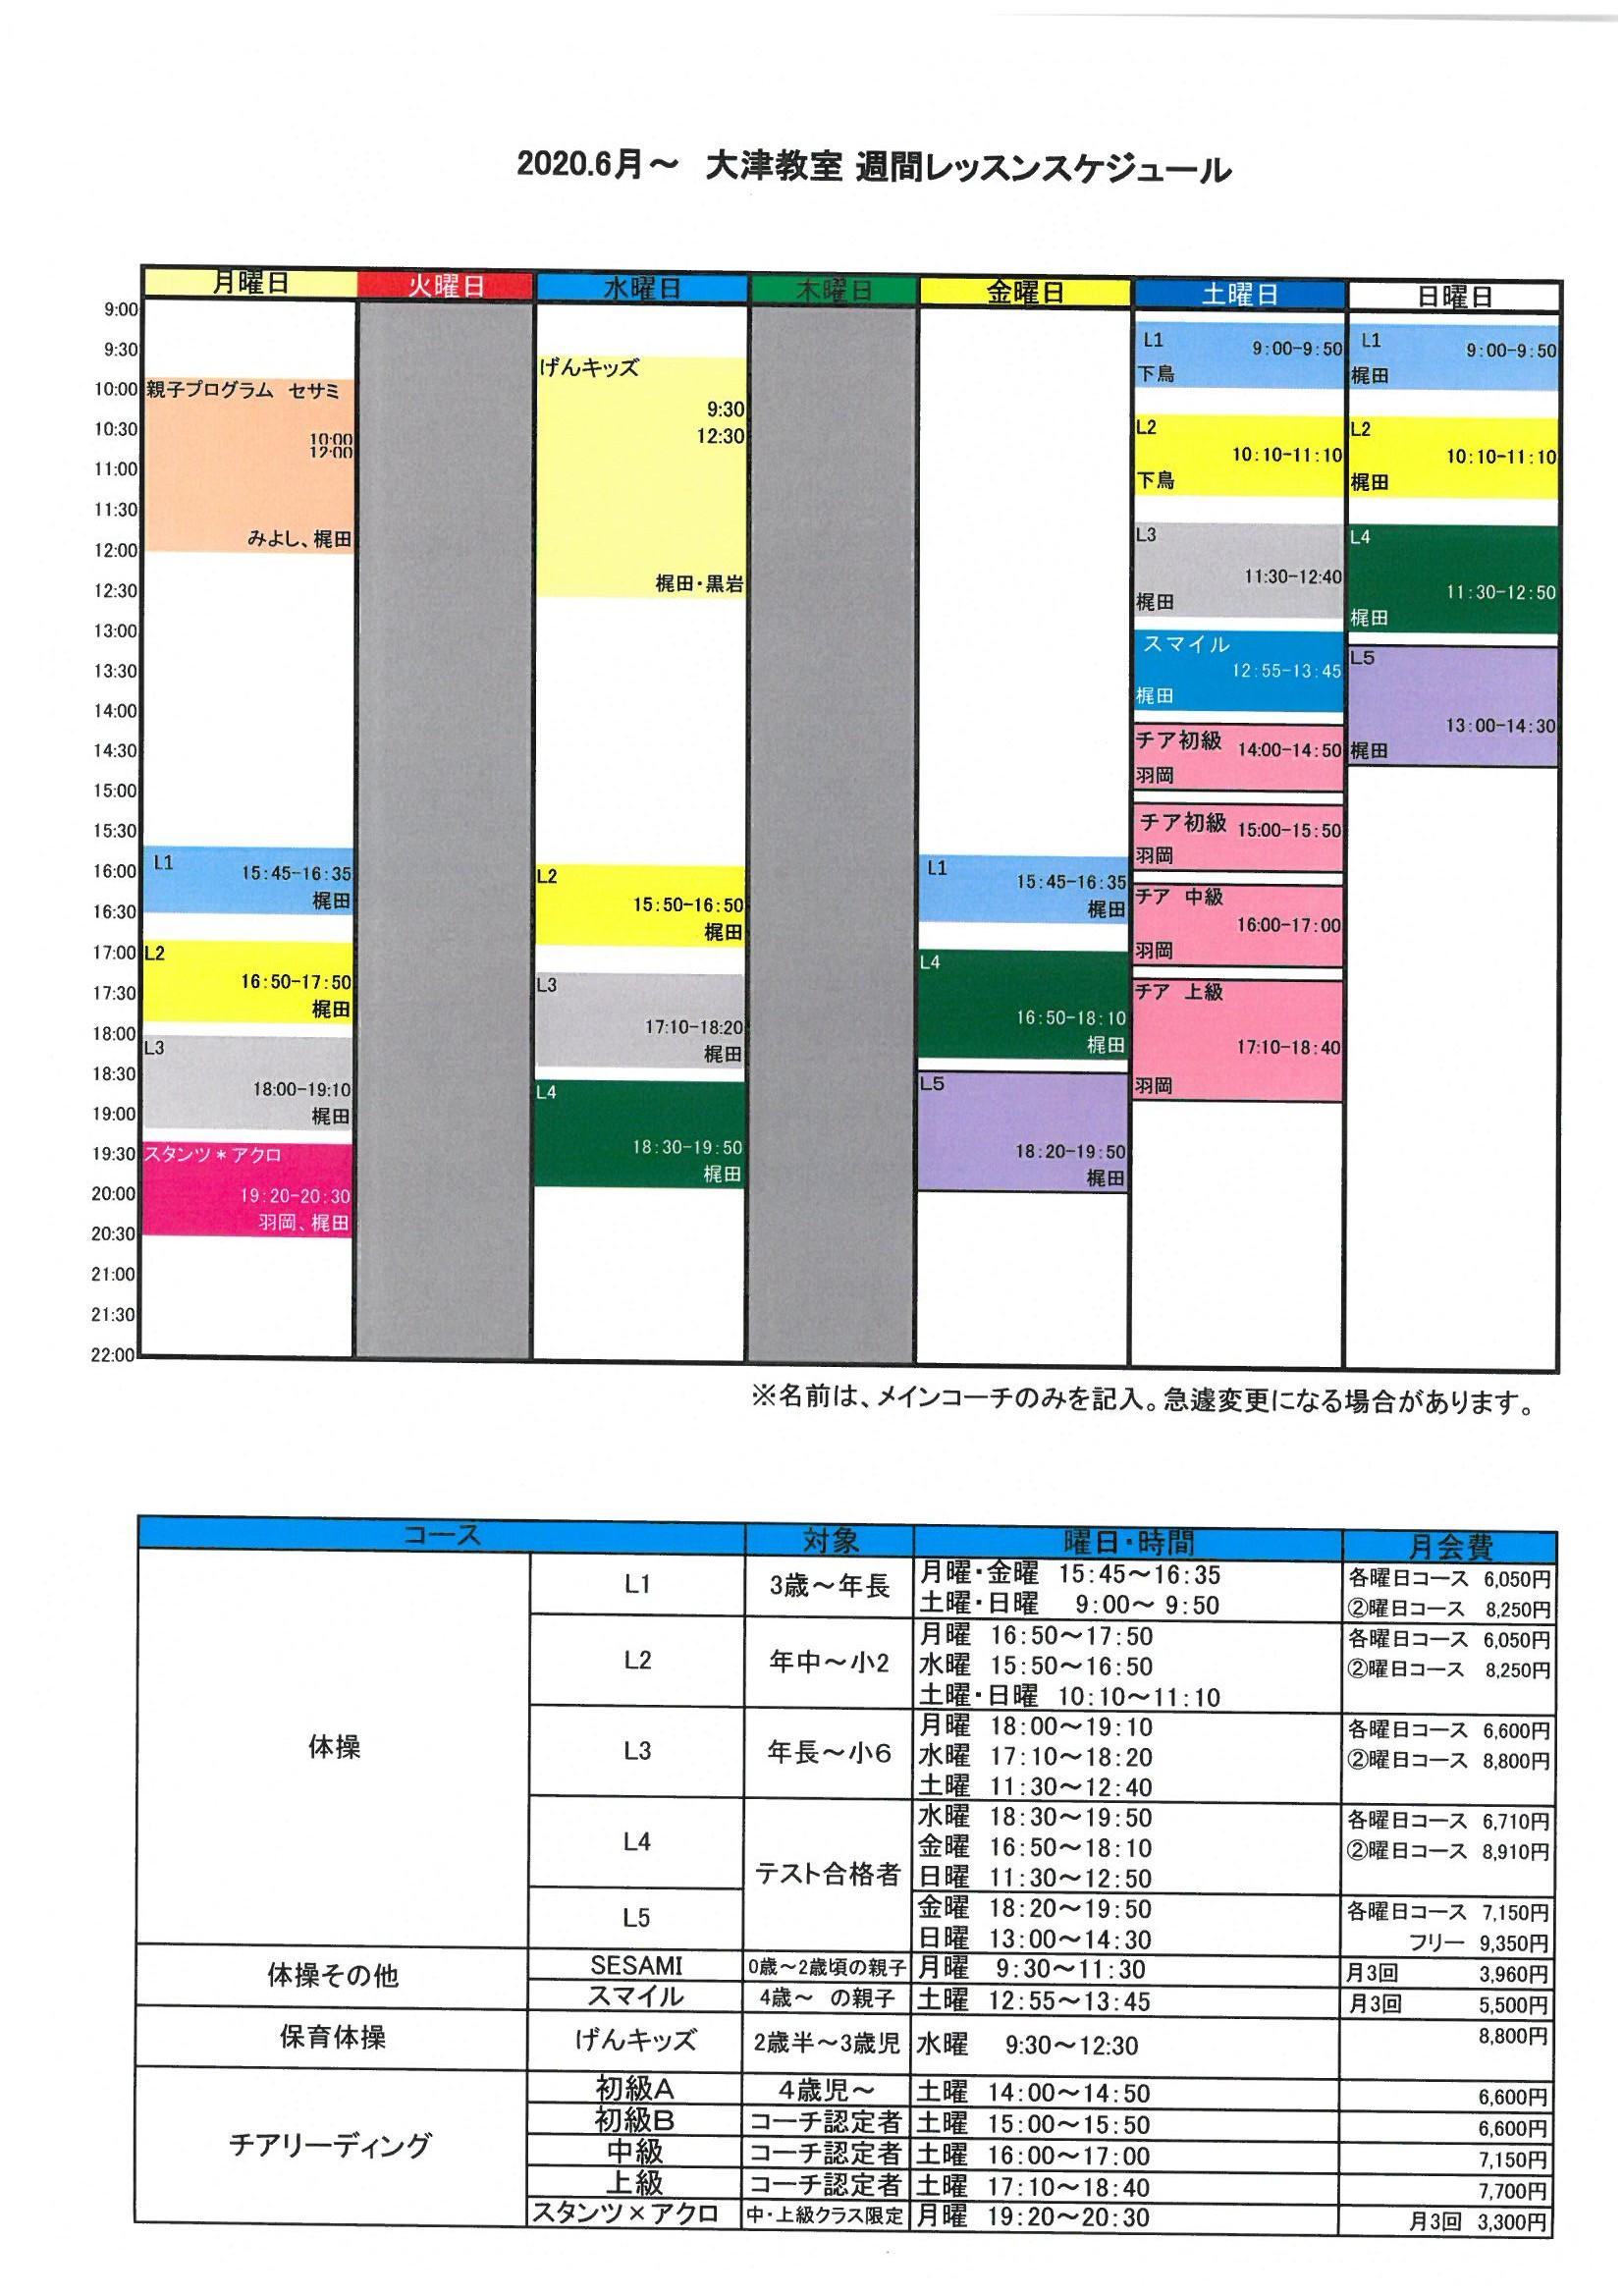 SKM_C224e20121614460_0001